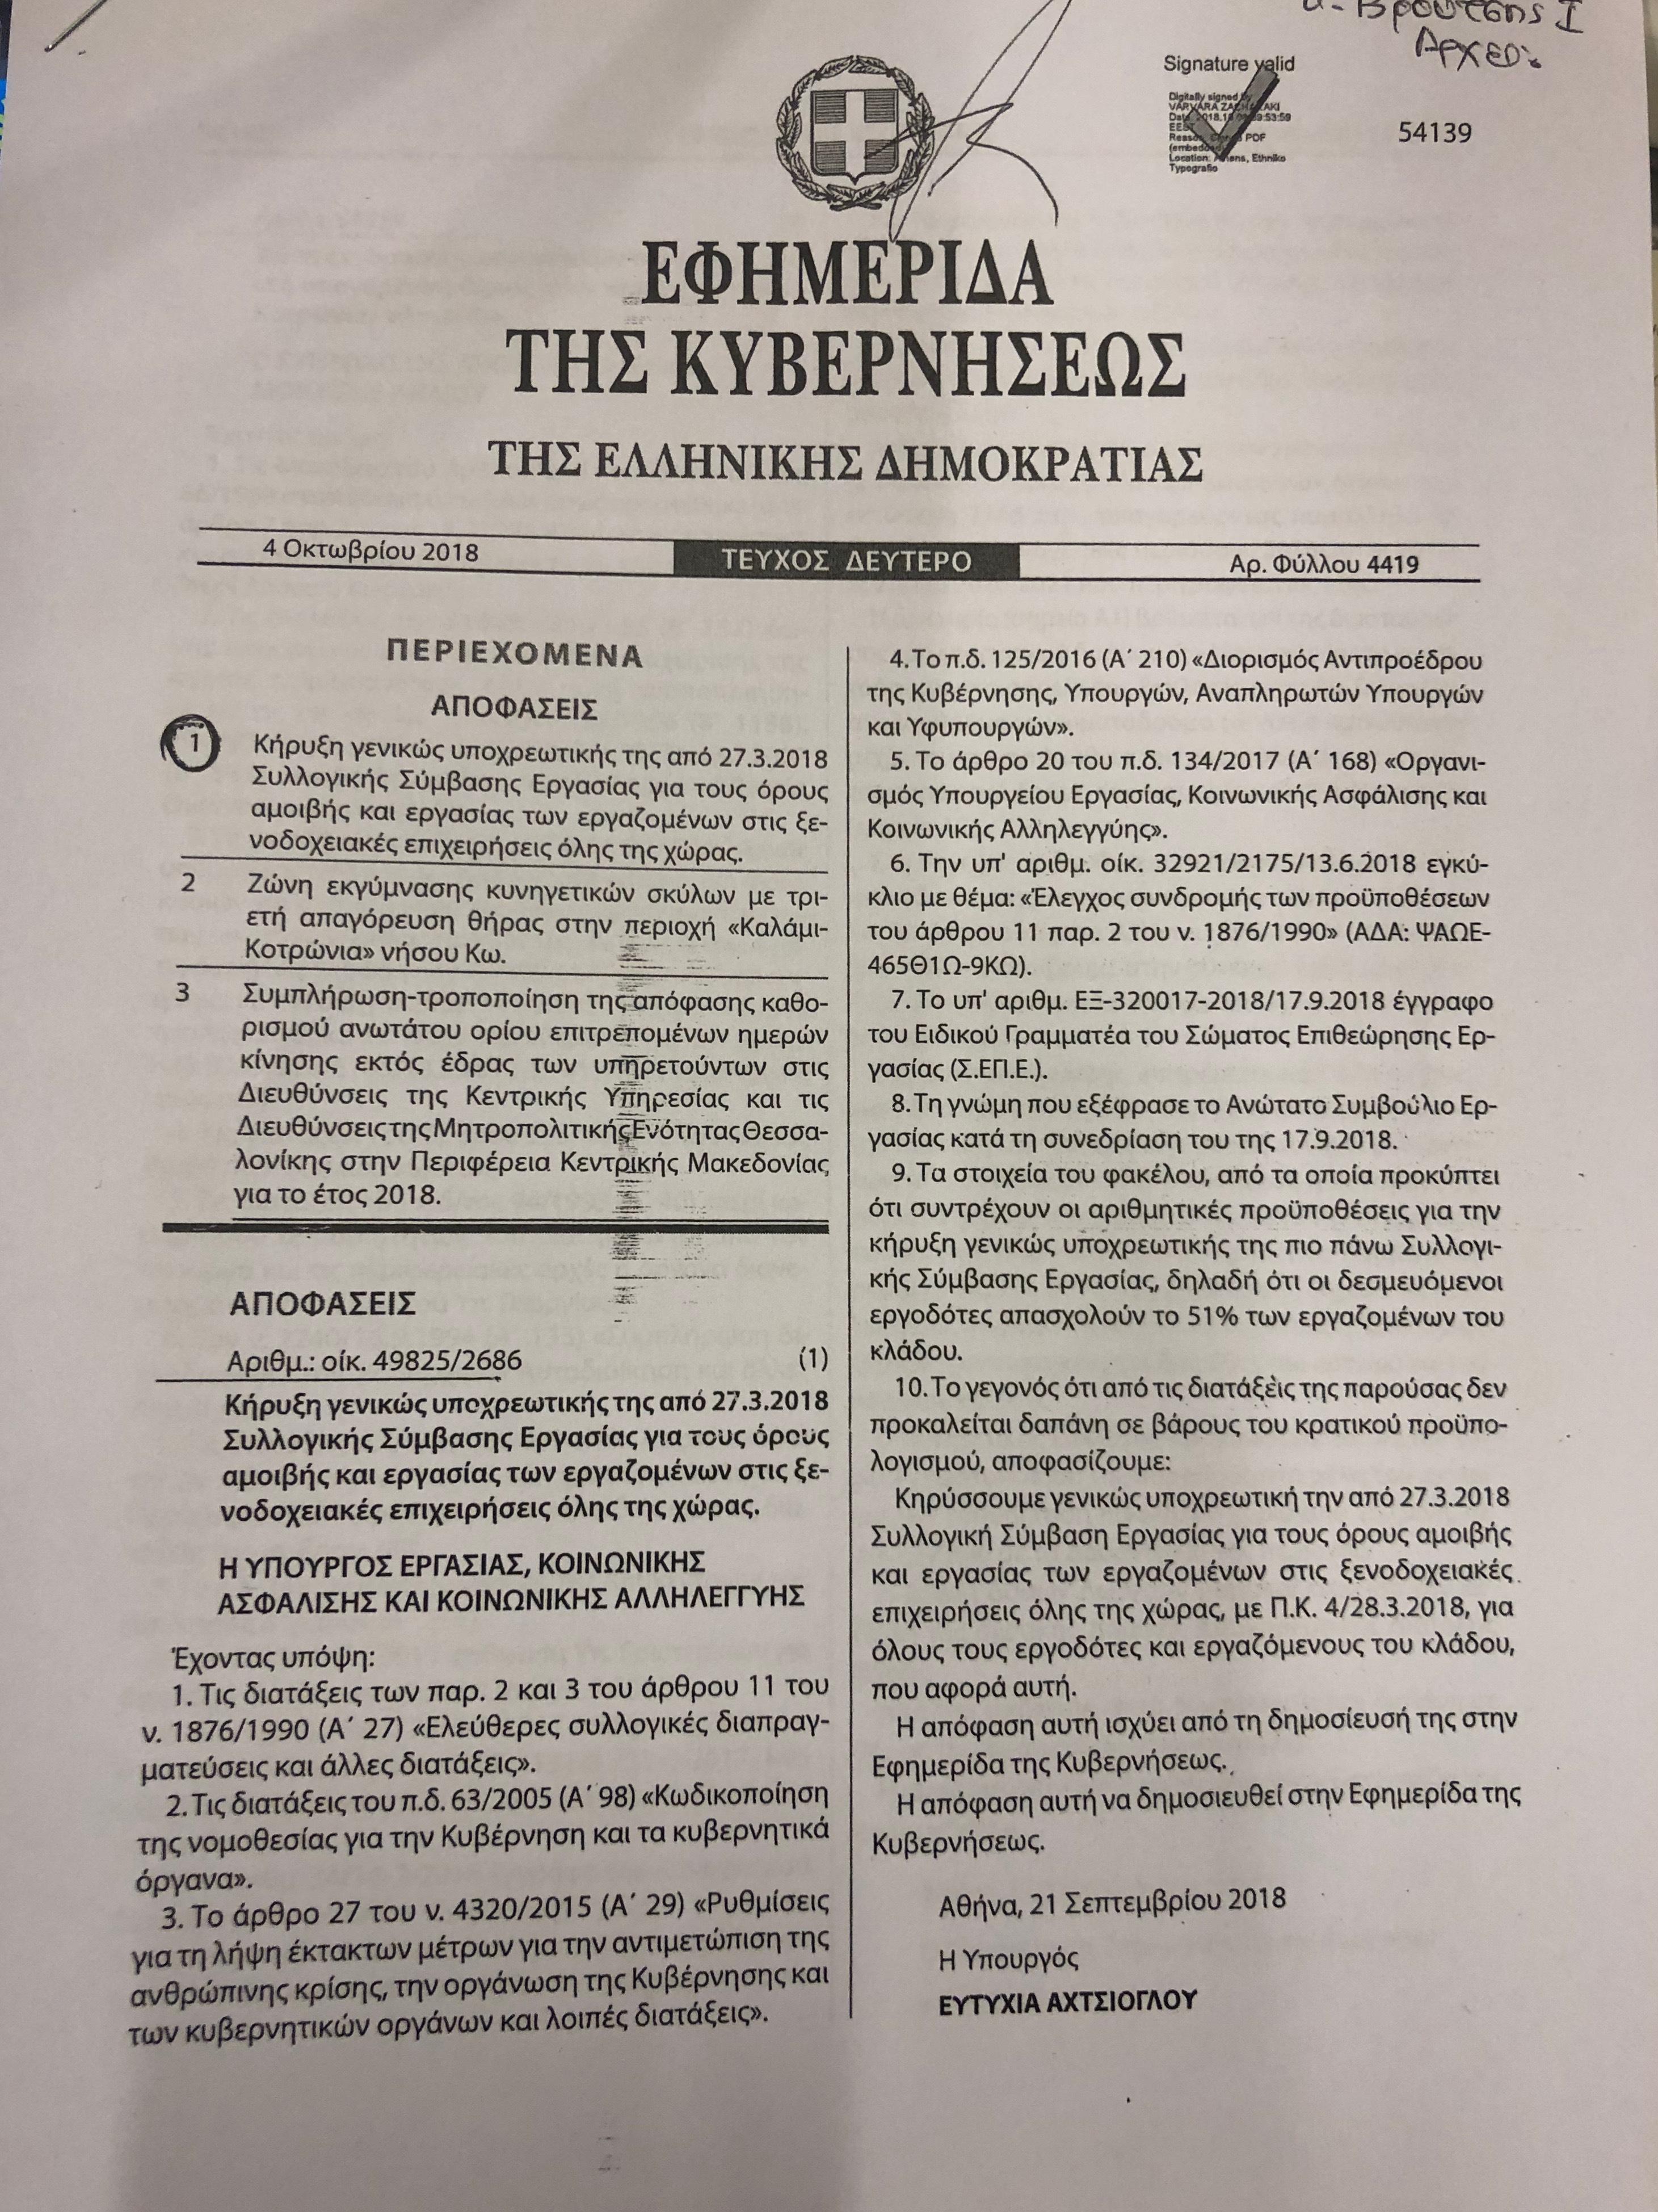 Το ΦΕΚ που κατέθεσε ο Γιάννη Βρούτσης στα πρακτικά της Βουλής για την υπουργό Εργασίας Εφη Αχτσιόγλου